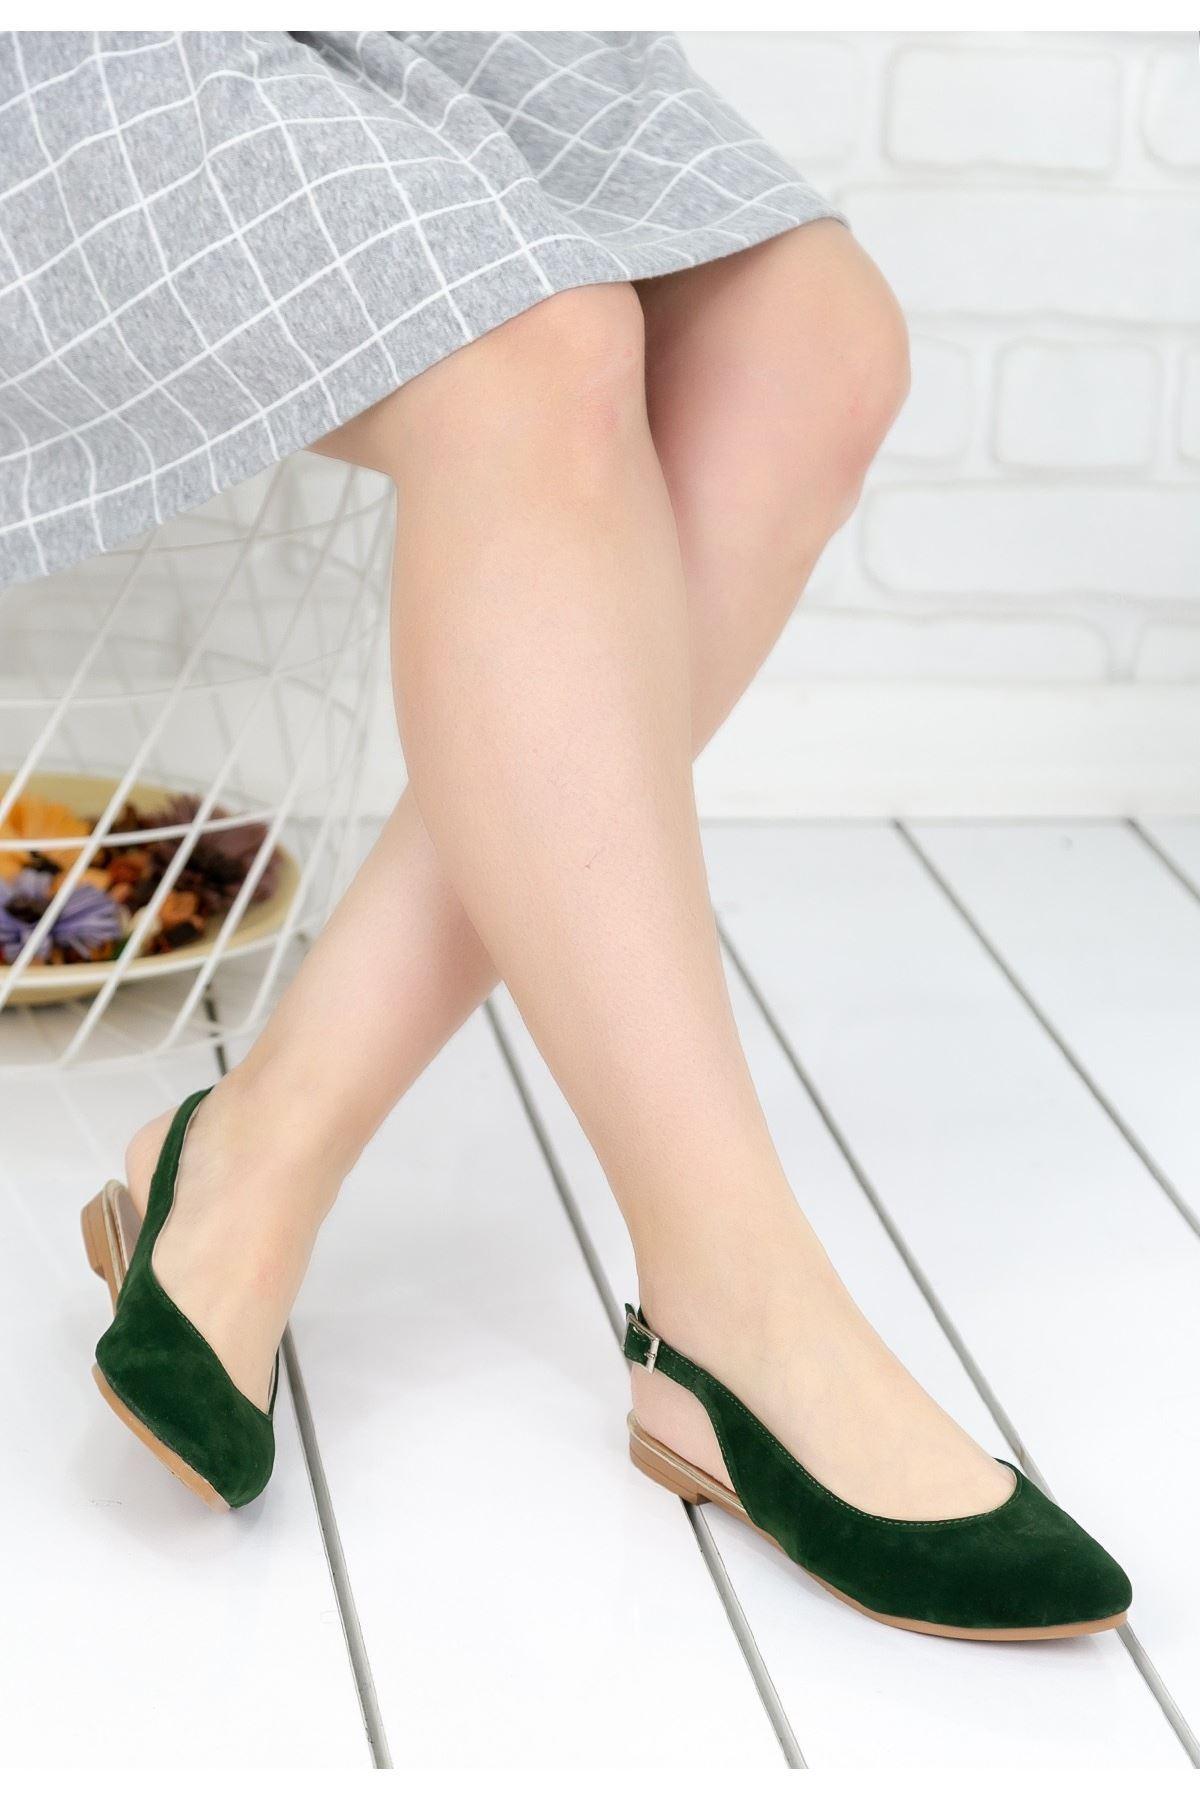 Evedna Haki Yeşil Süet Babet Ayakkabı